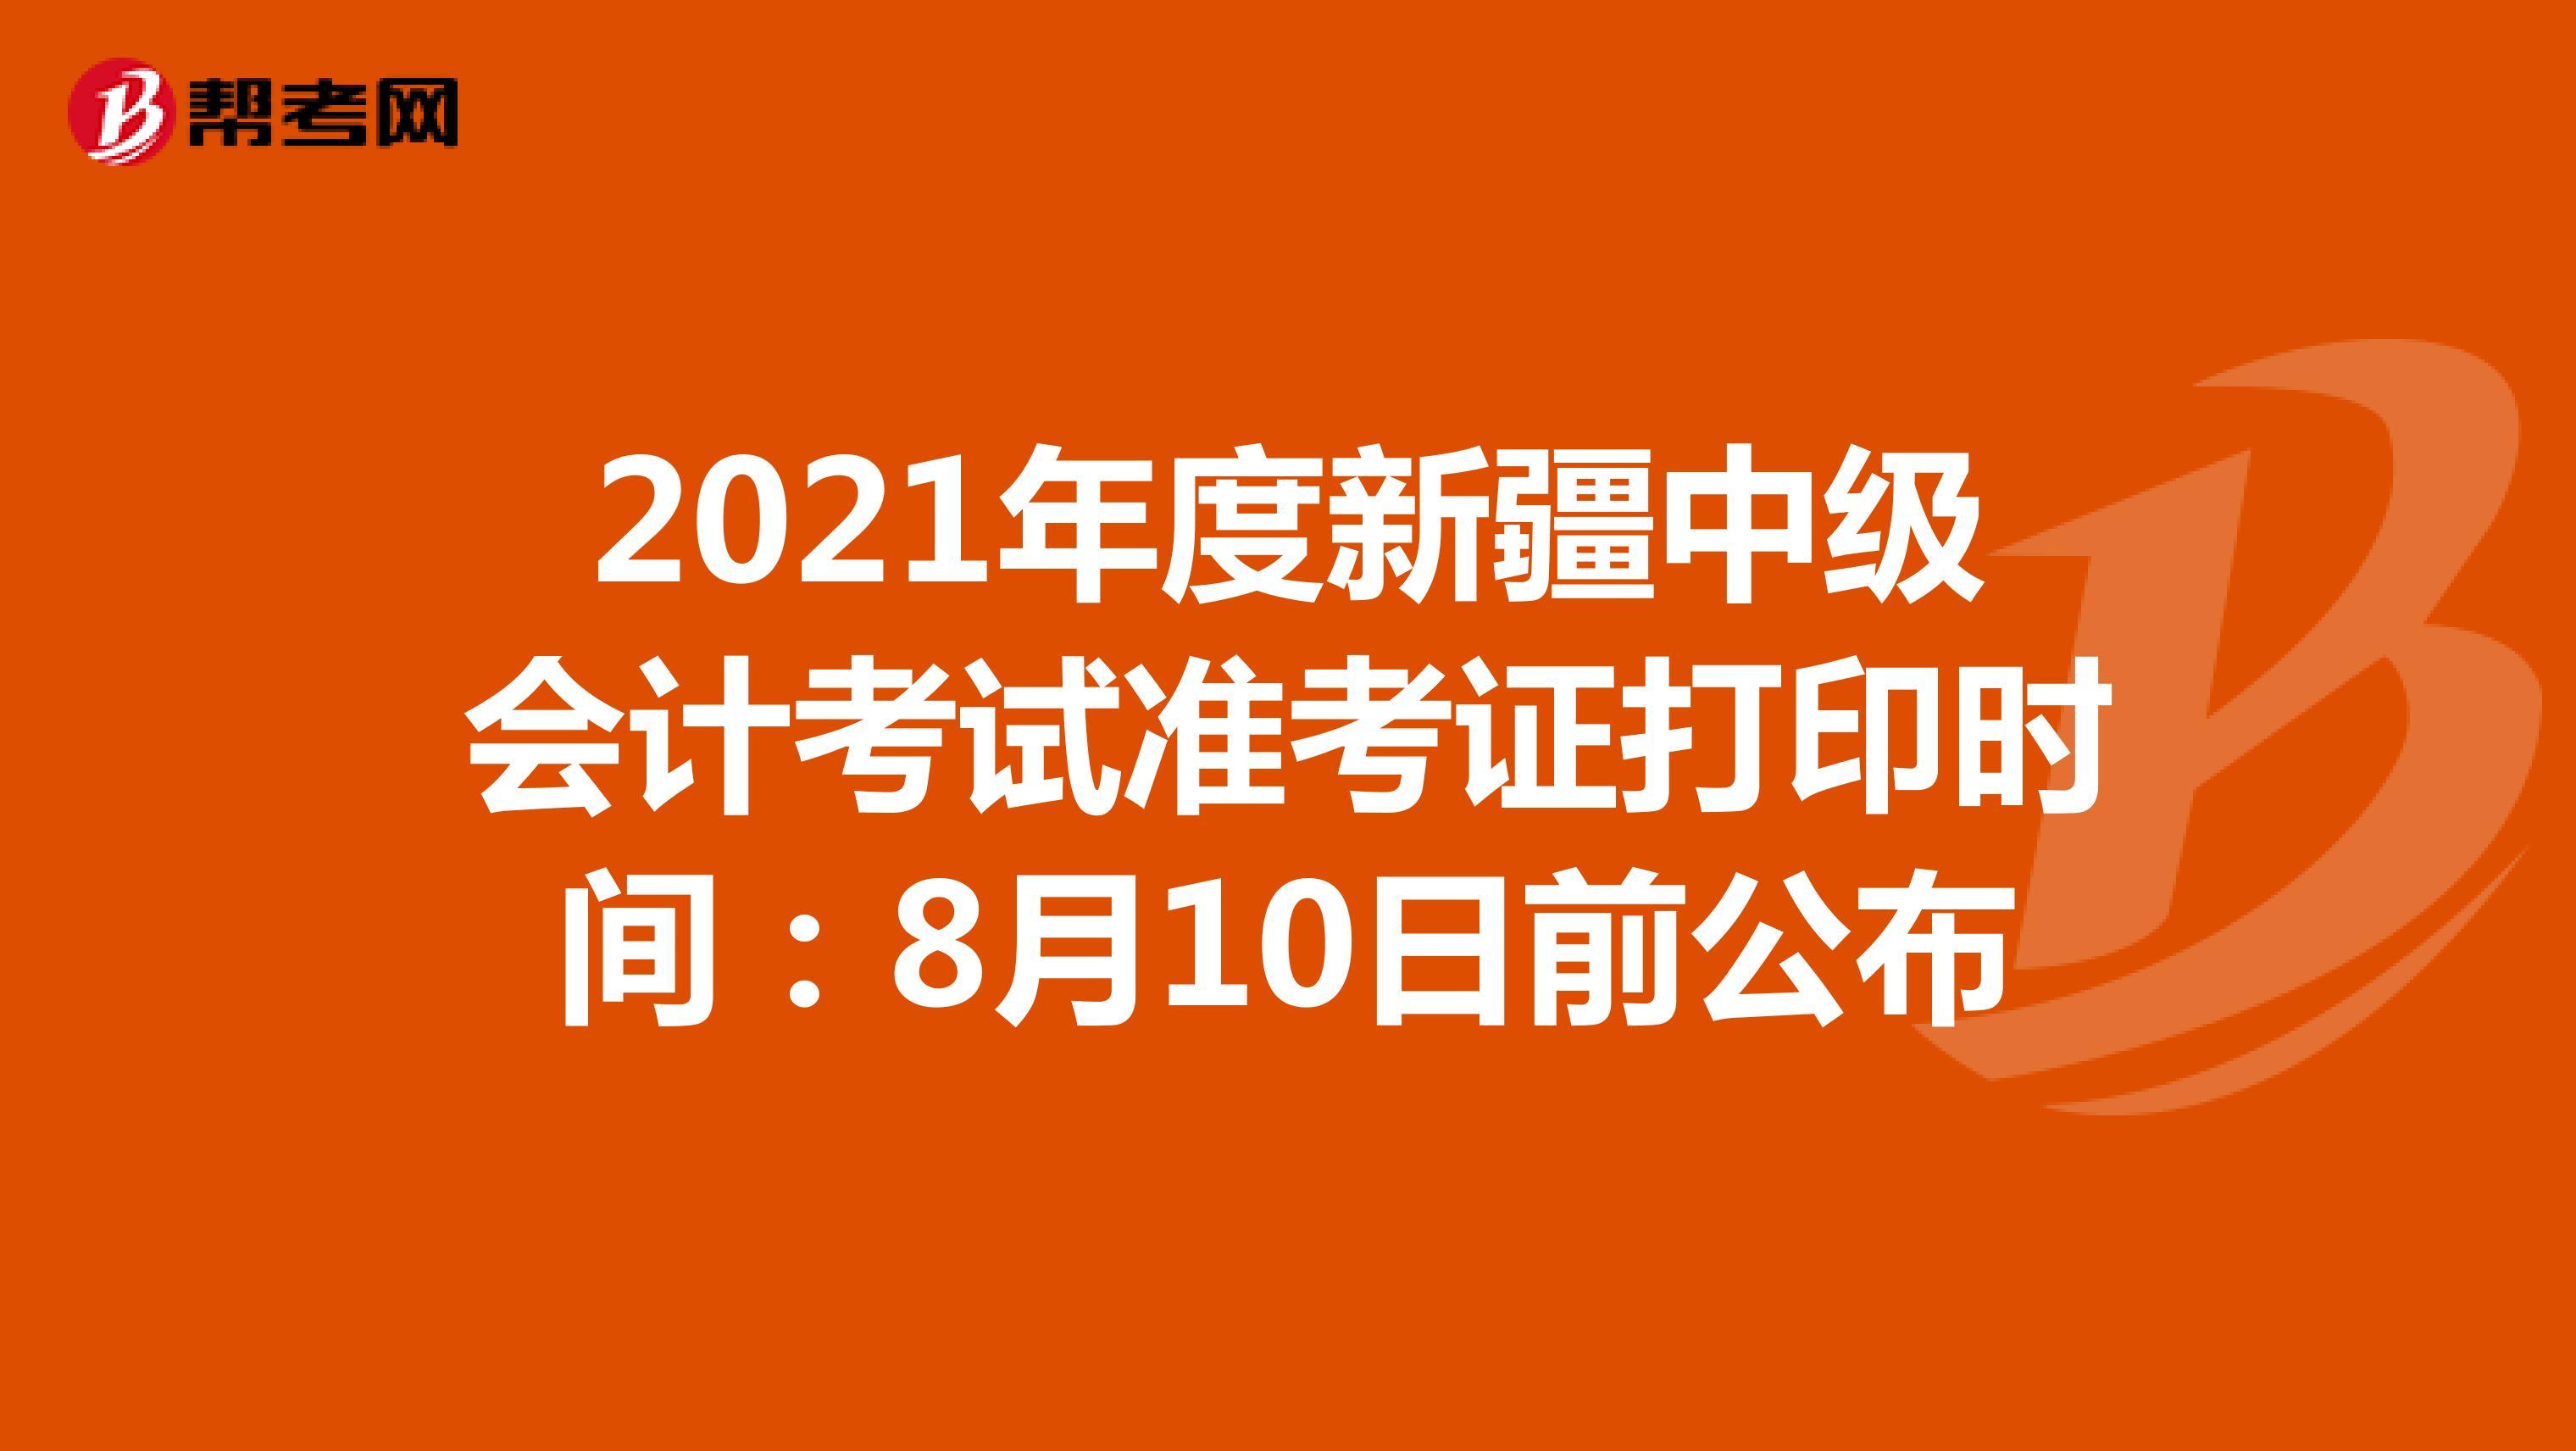 2021年度新疆中級會計考試準考證打印時間:8月10日前公布